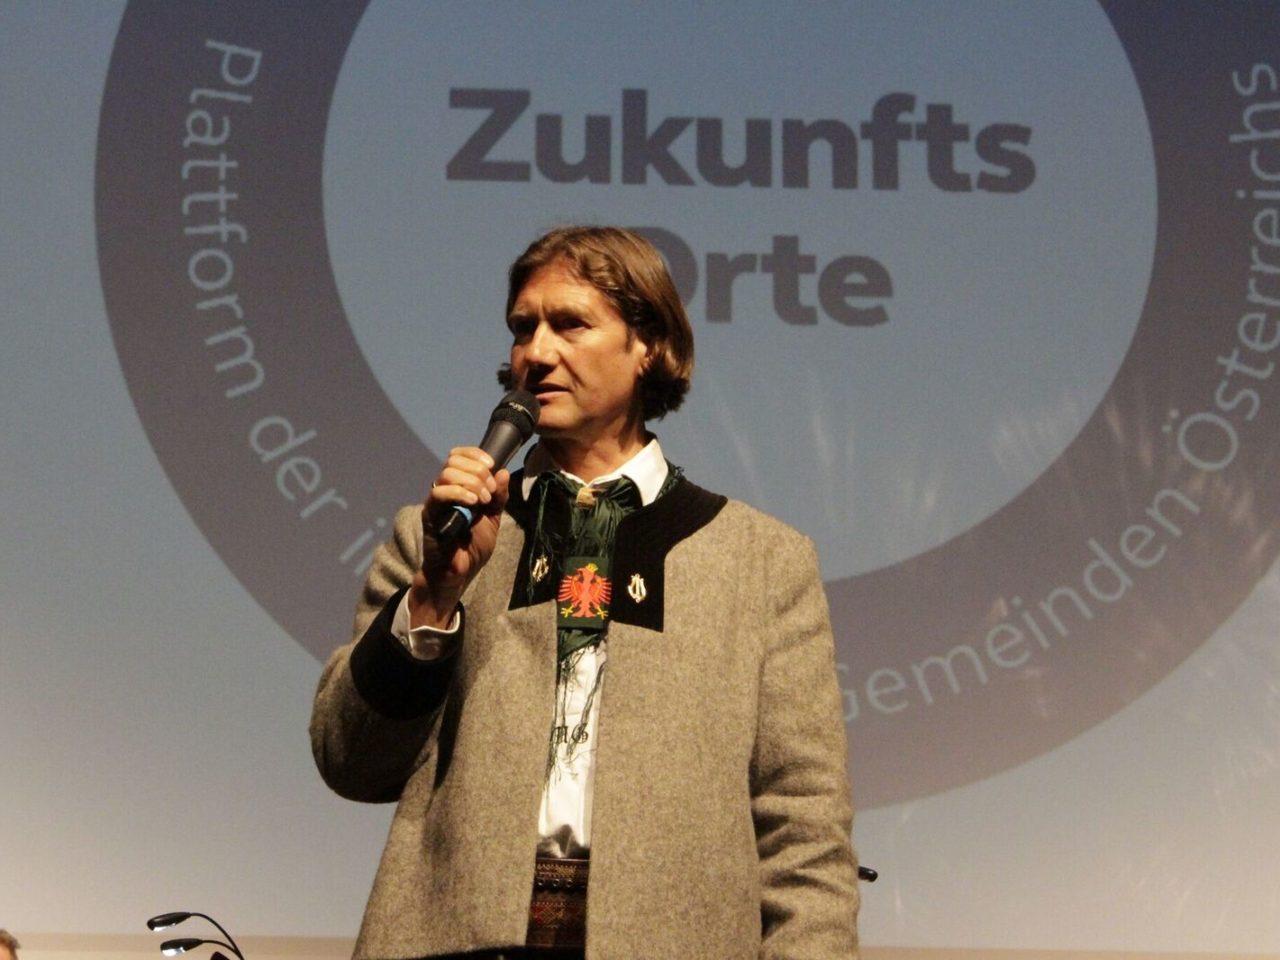 Zukunftsorte Symposium in Kals